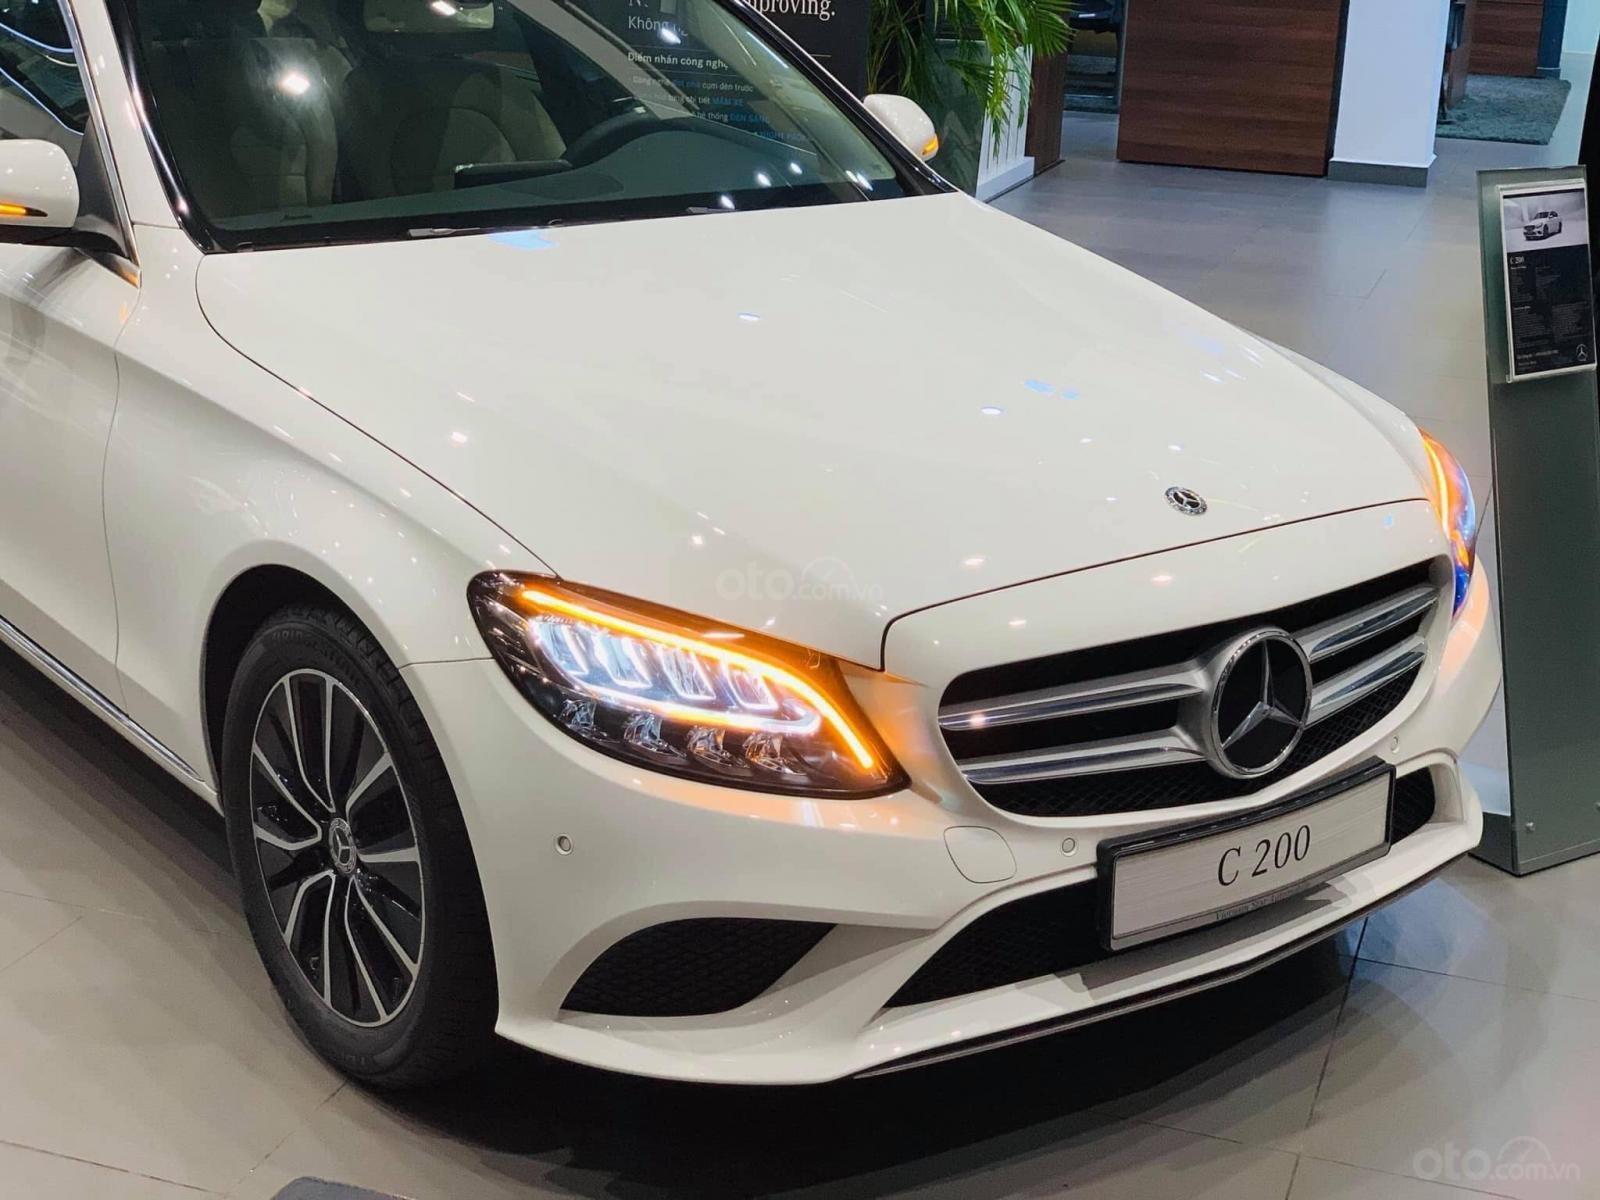 Cần bán gấp Mercedes-Benz C200 class đăng ký lần đầu 2019, màu trắng xe gia đình giá 1 tỷ 420 triệu đồng (5)